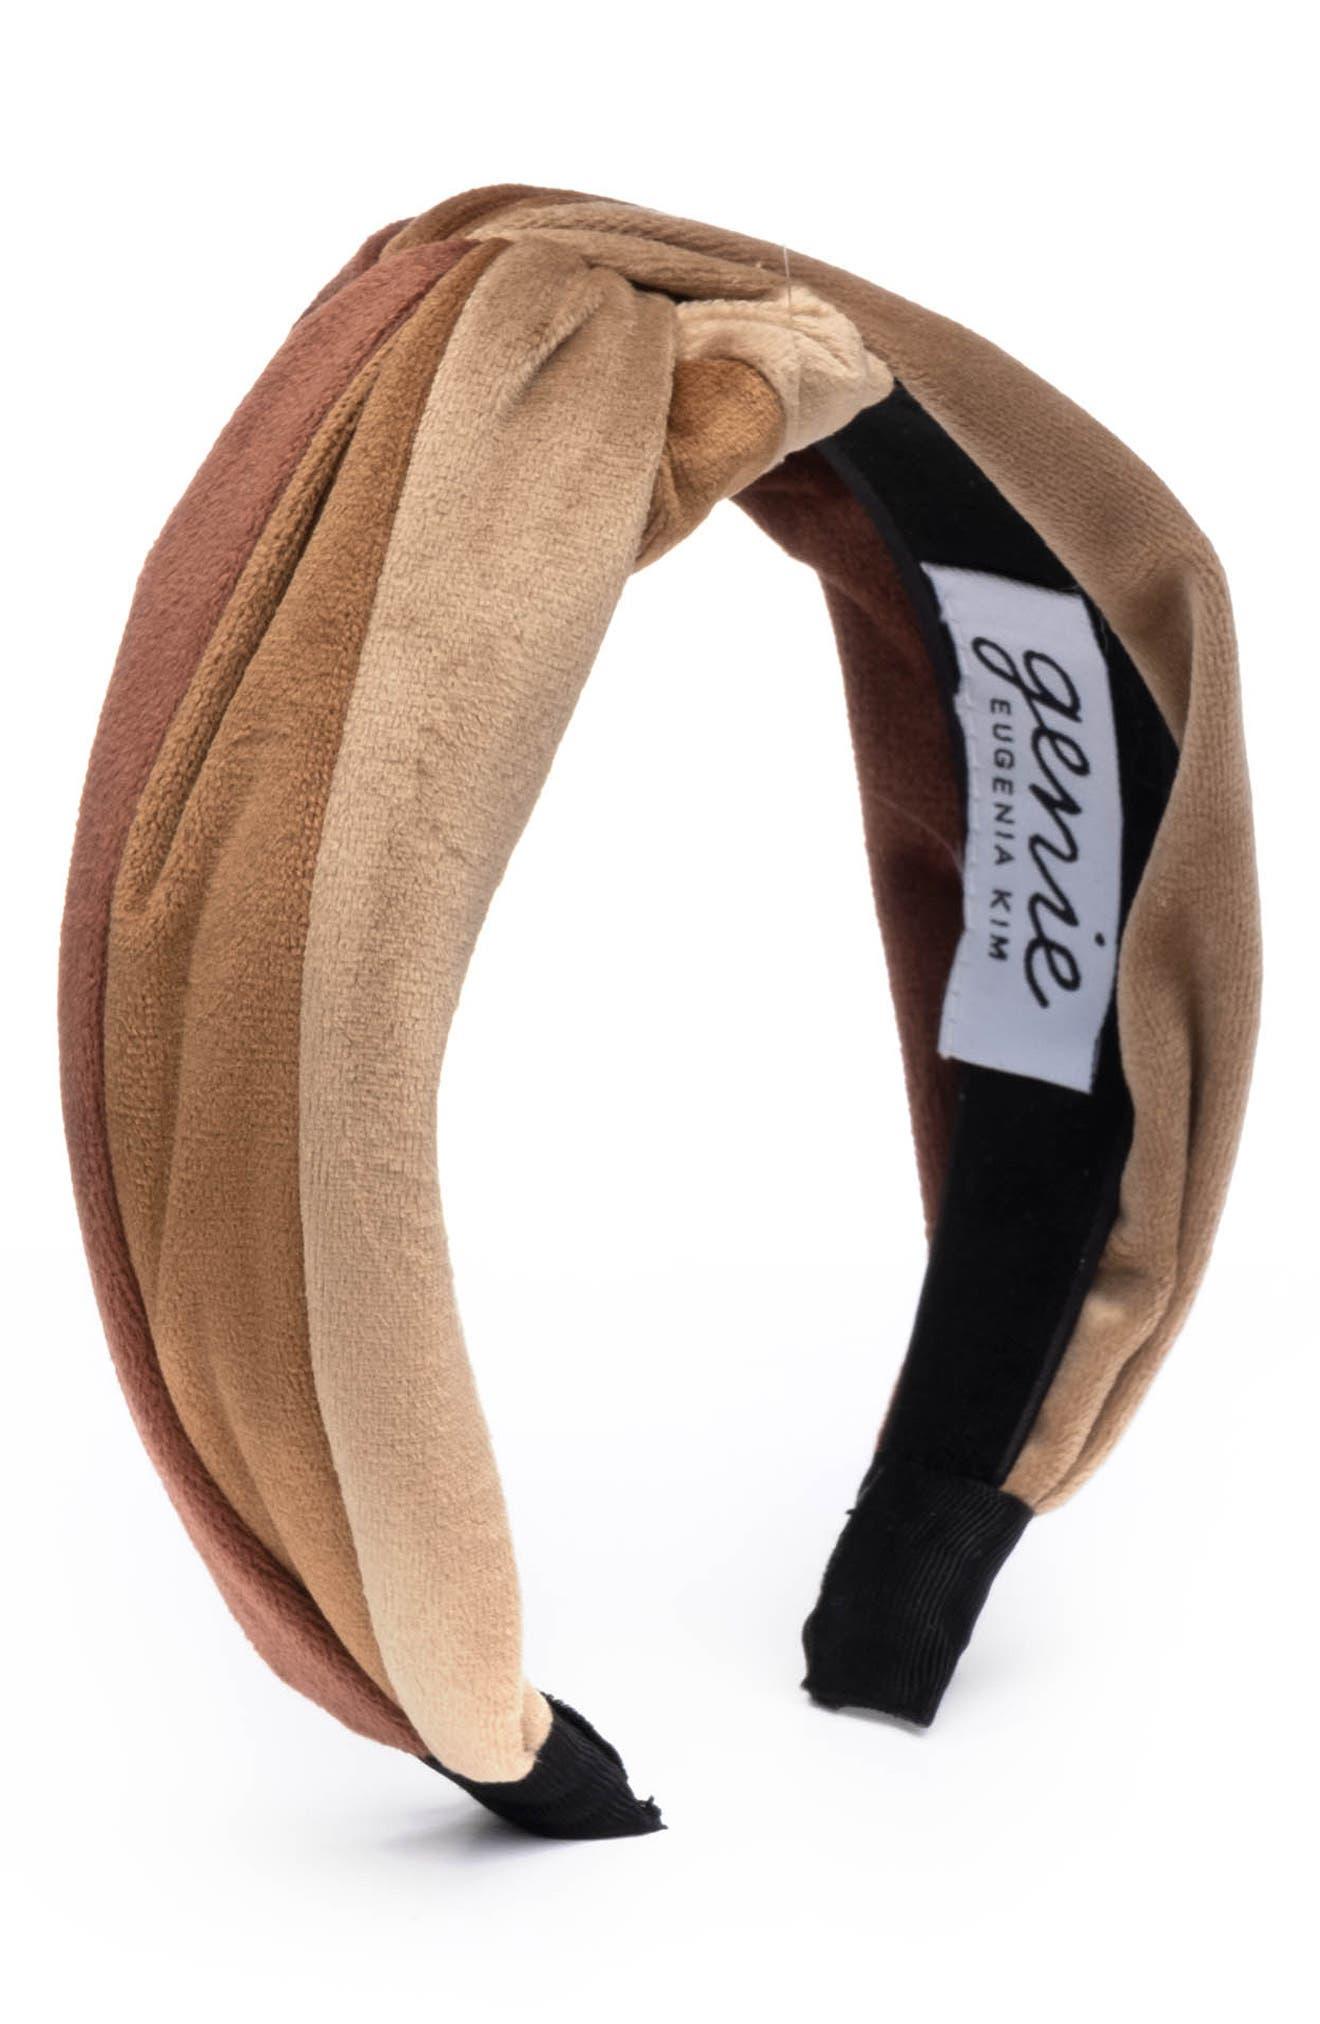 Deanna Headband